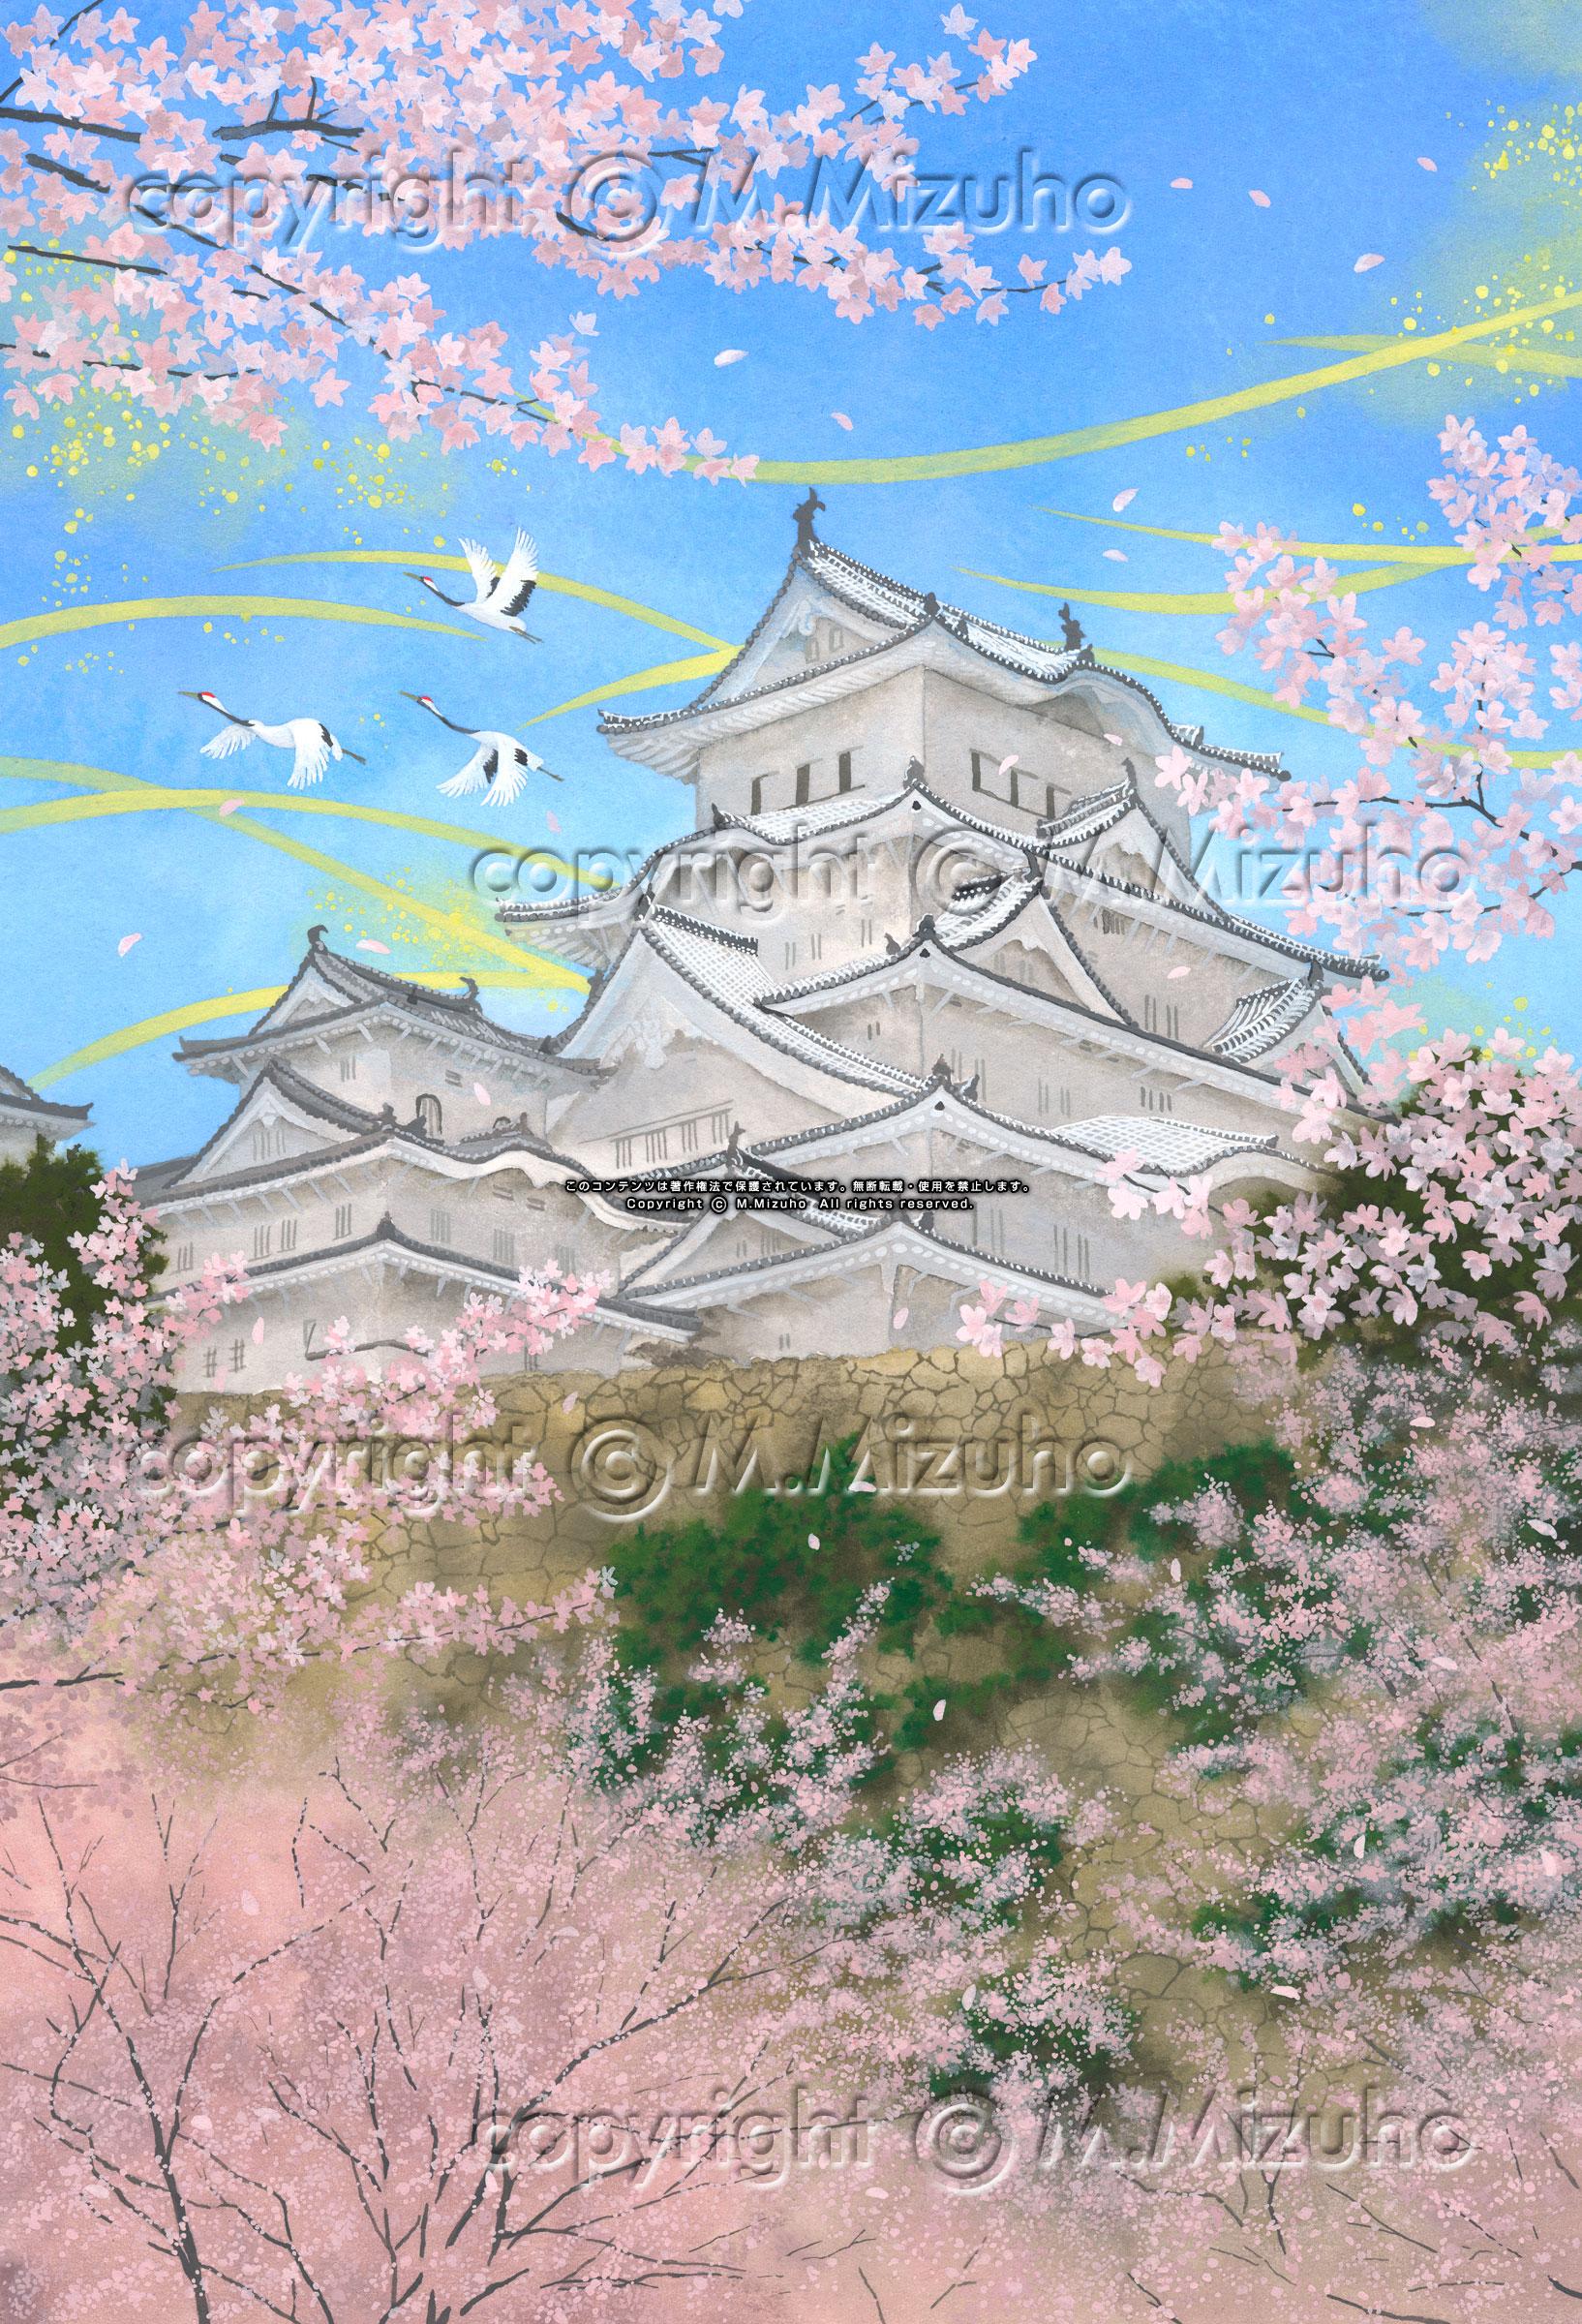 姫路城の画像 p1_20